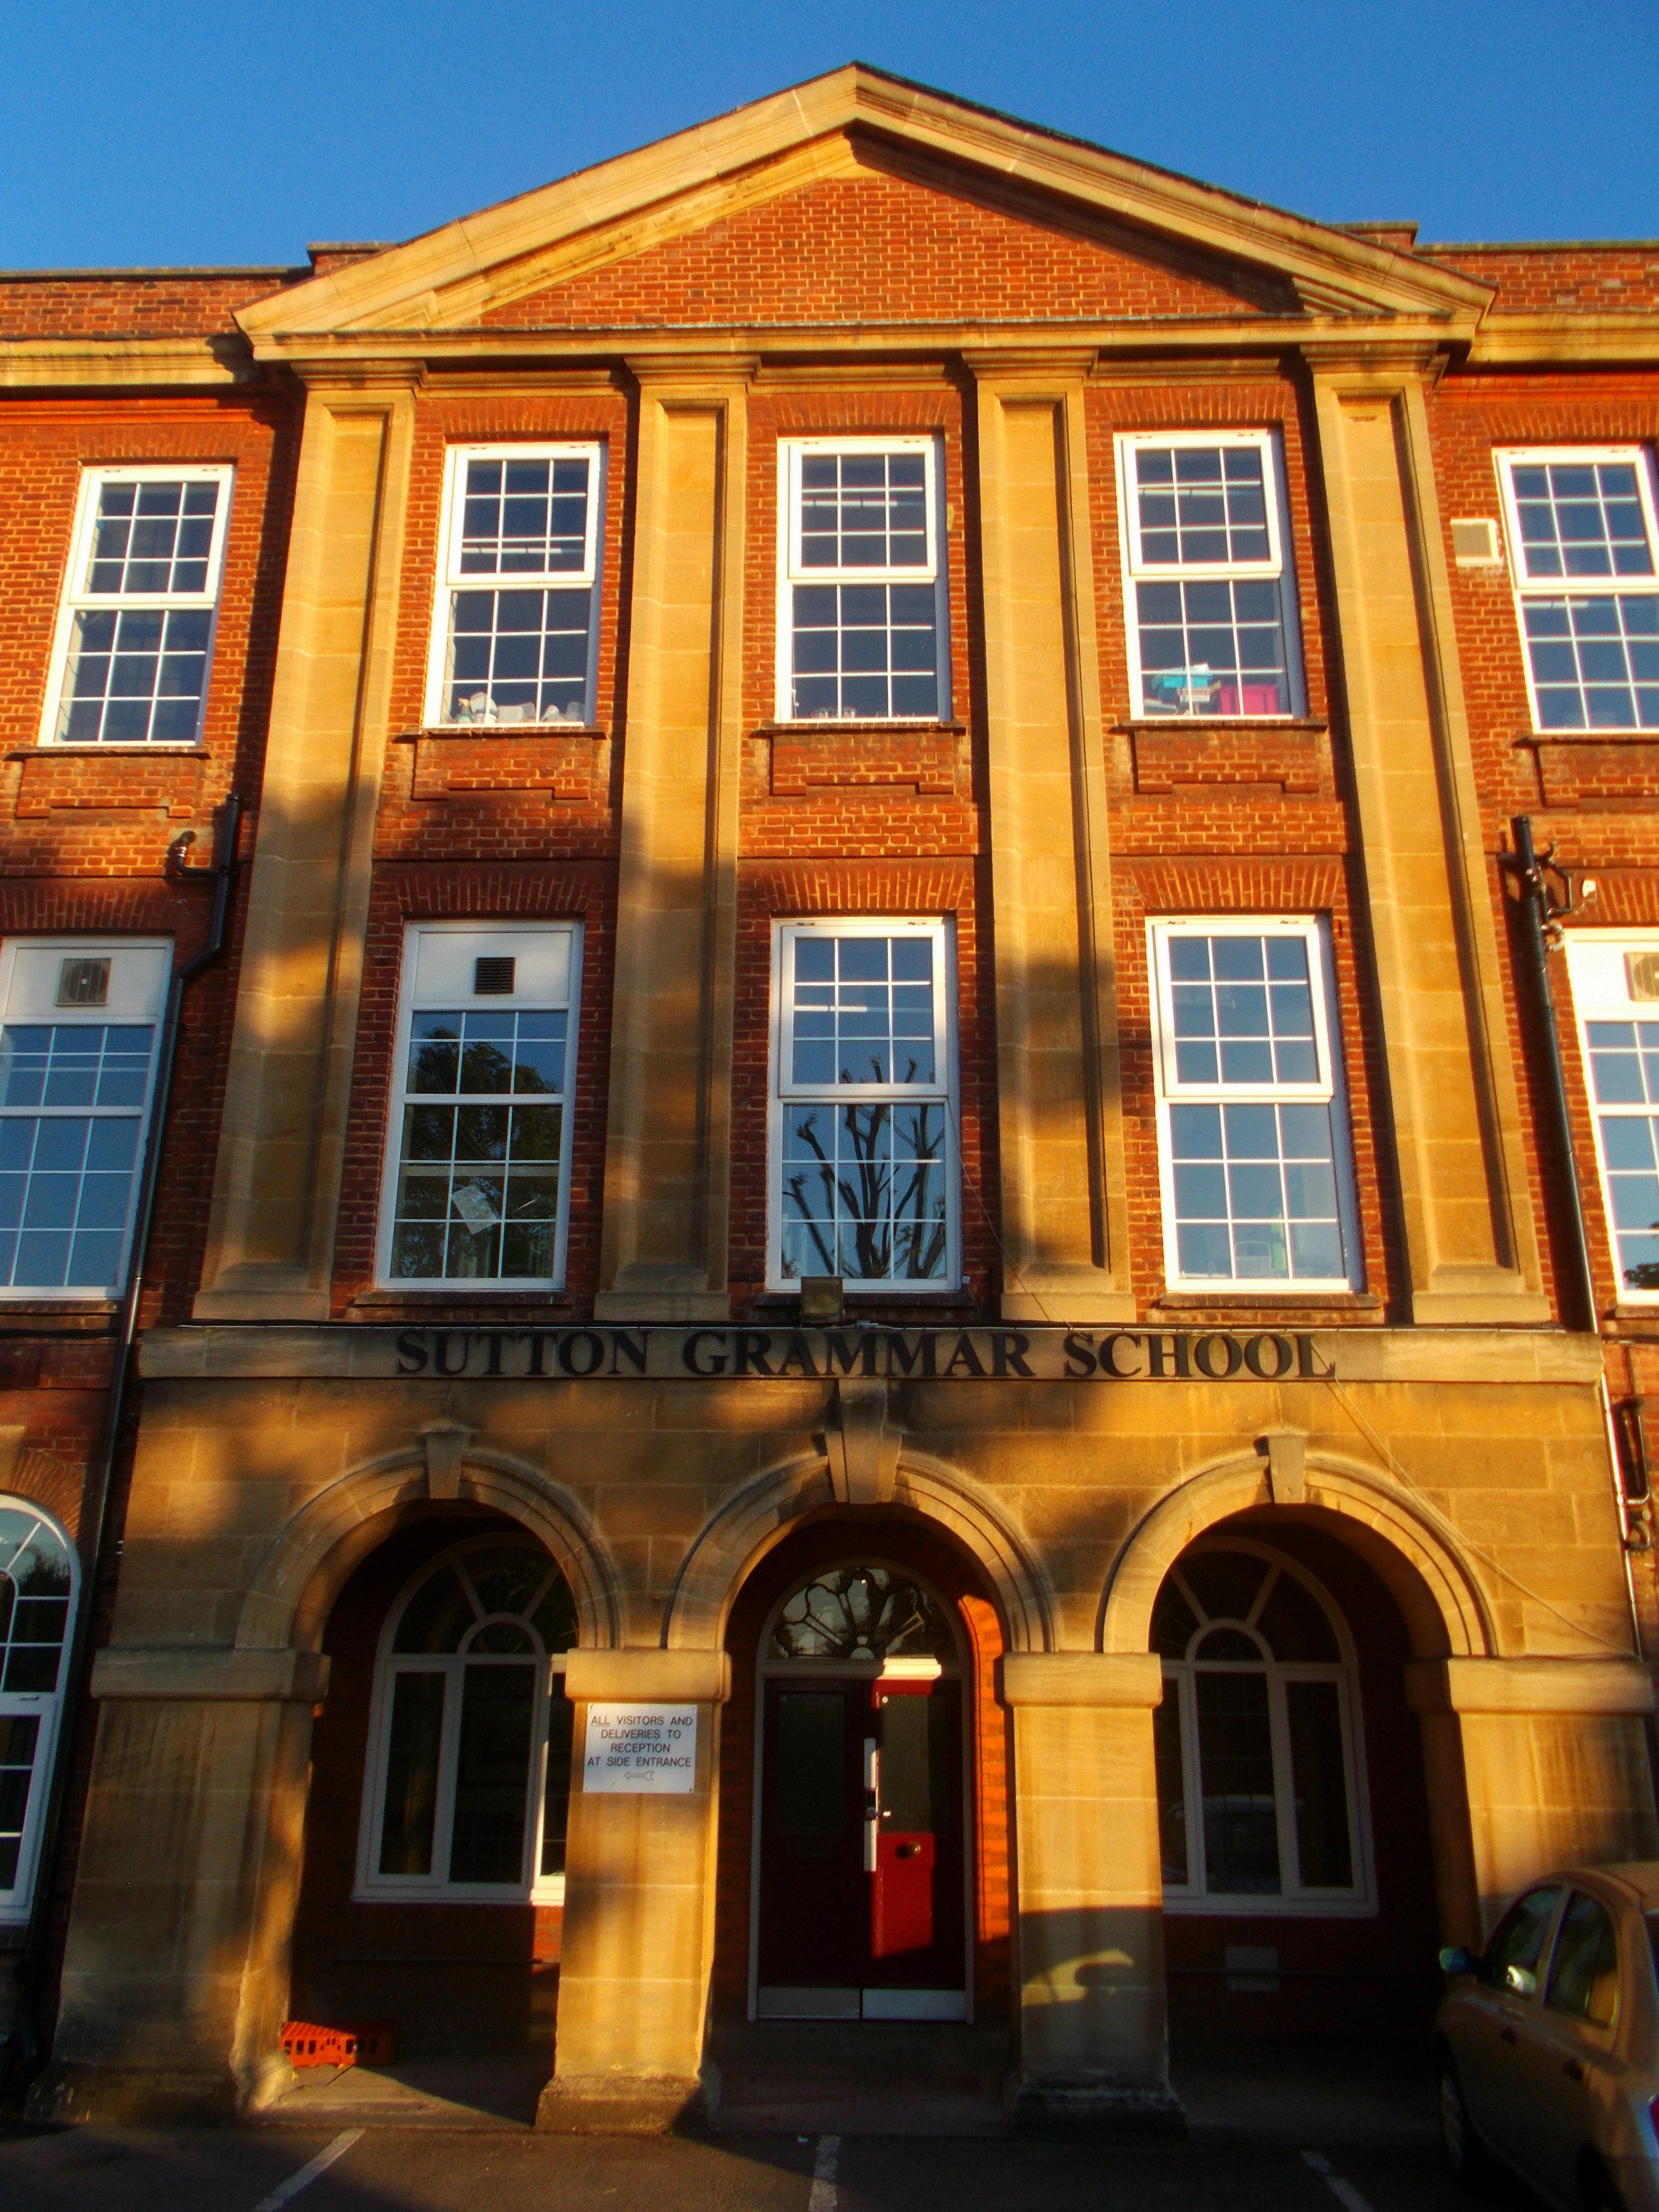 Grammar school - Wikipedia